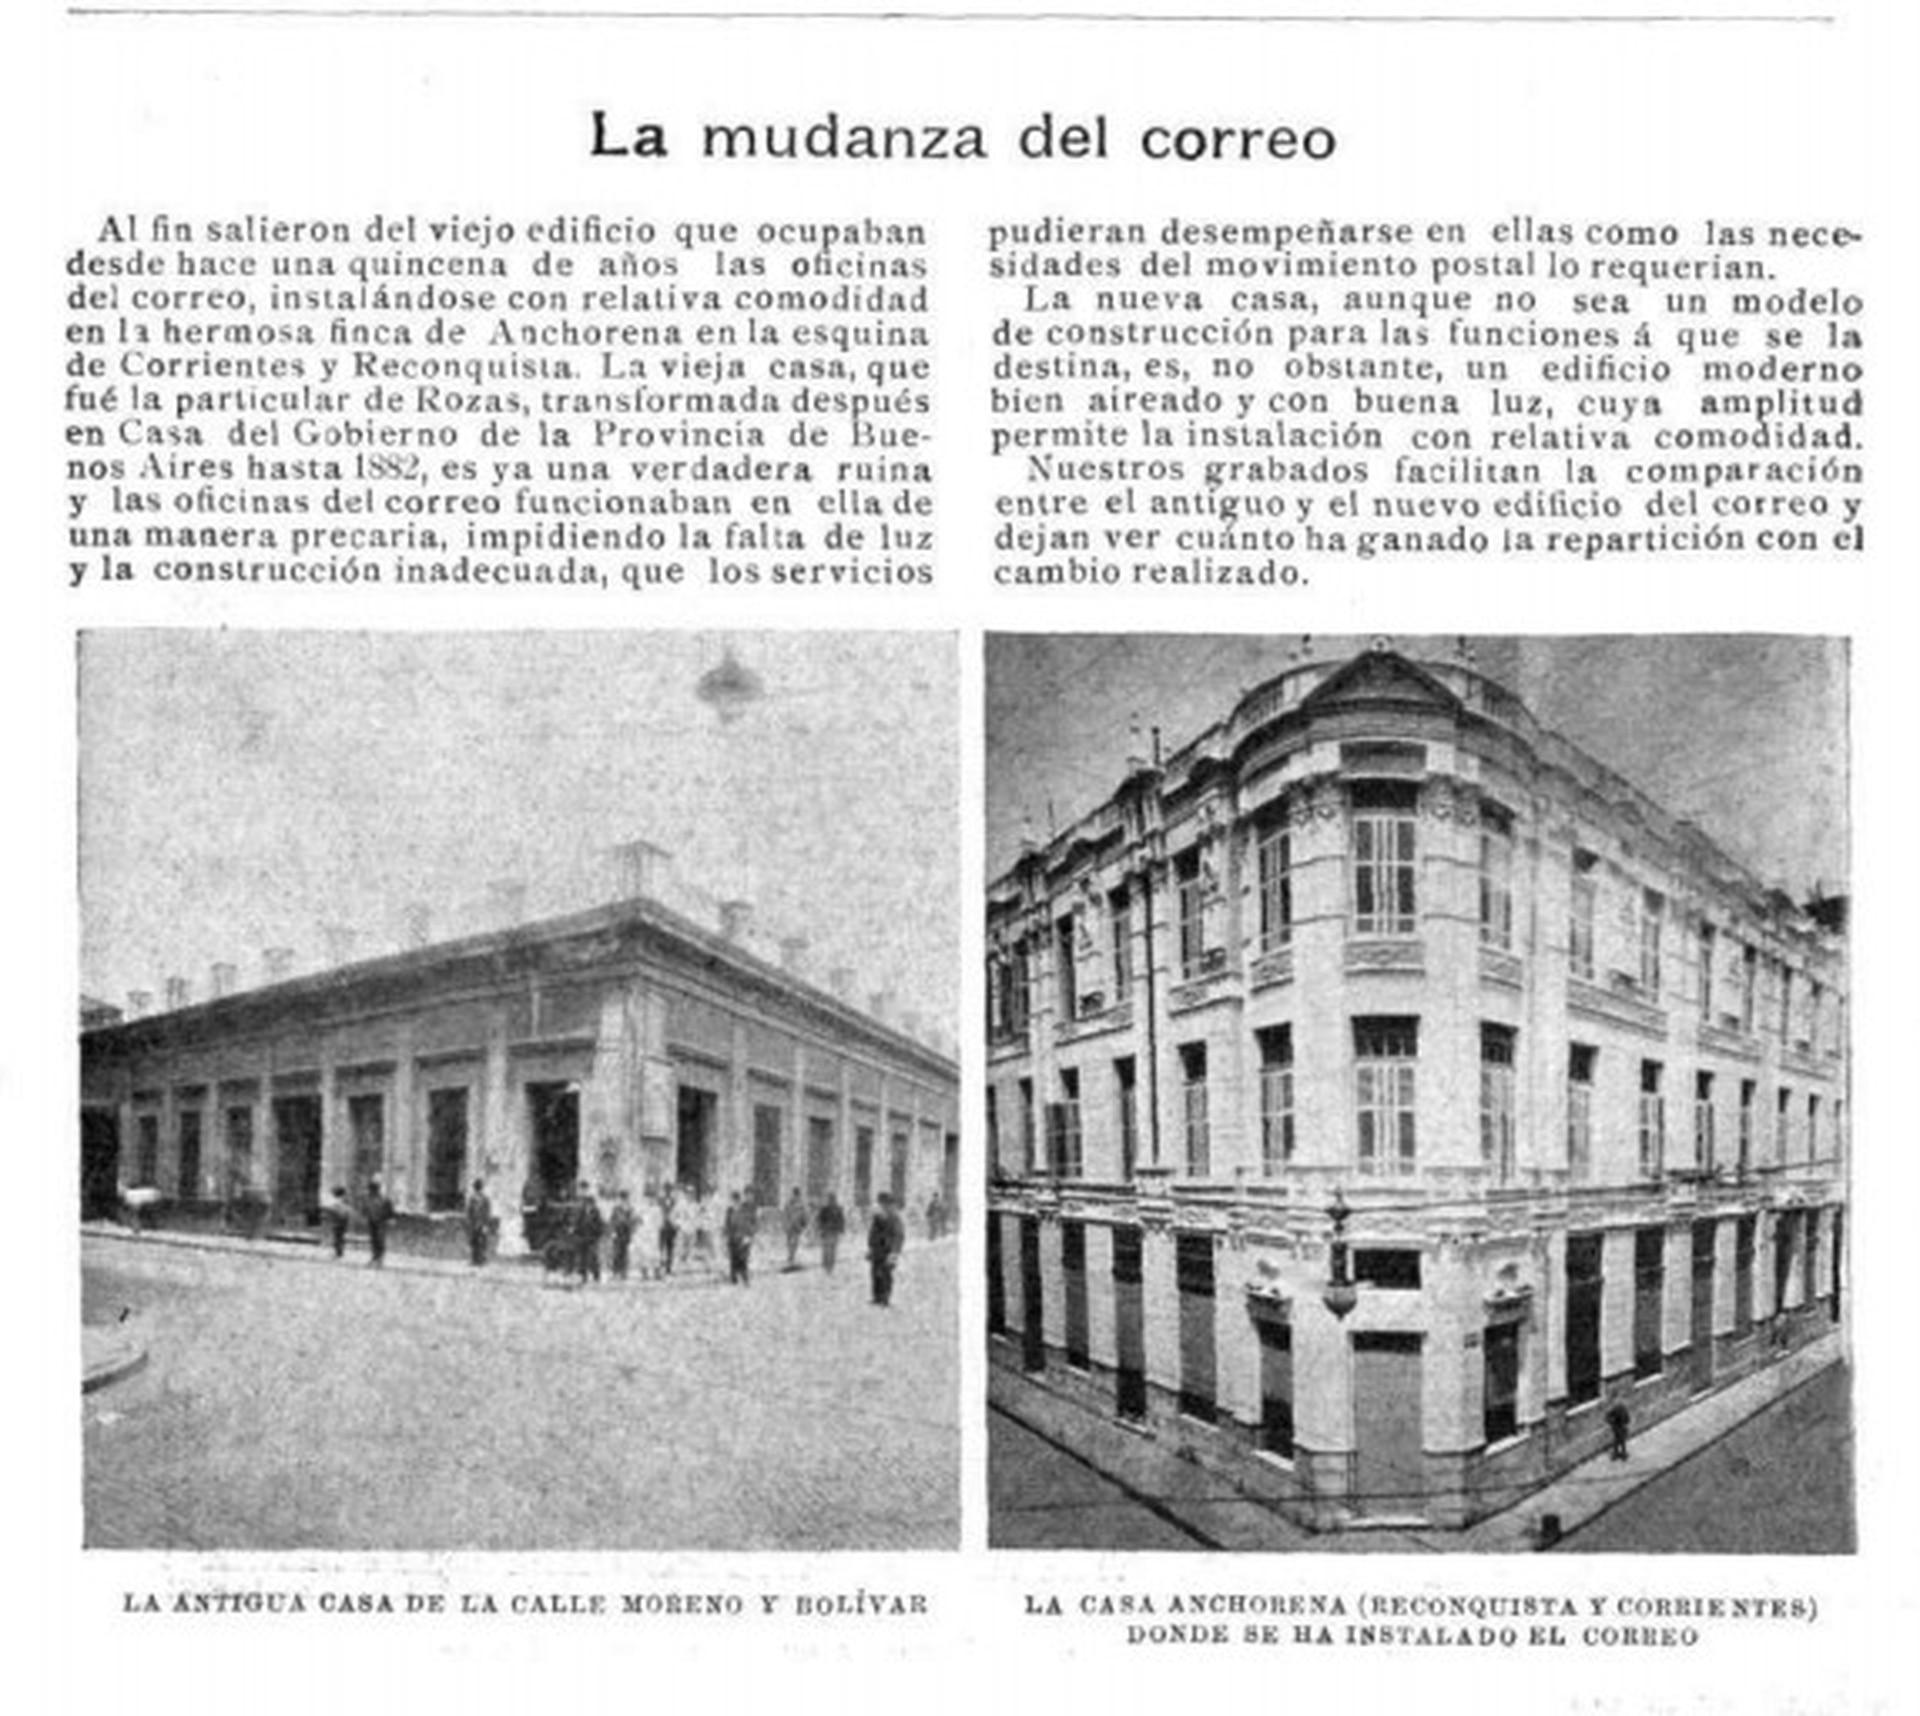 Nota publicada en 1901 en Caras y Caretas acerca de la mudanza del correo: a la izquierda, la antigua sede de Moreno y Bolívar. A la derecha, la nueva Casa Anchorena en Corrientes y Reconquista